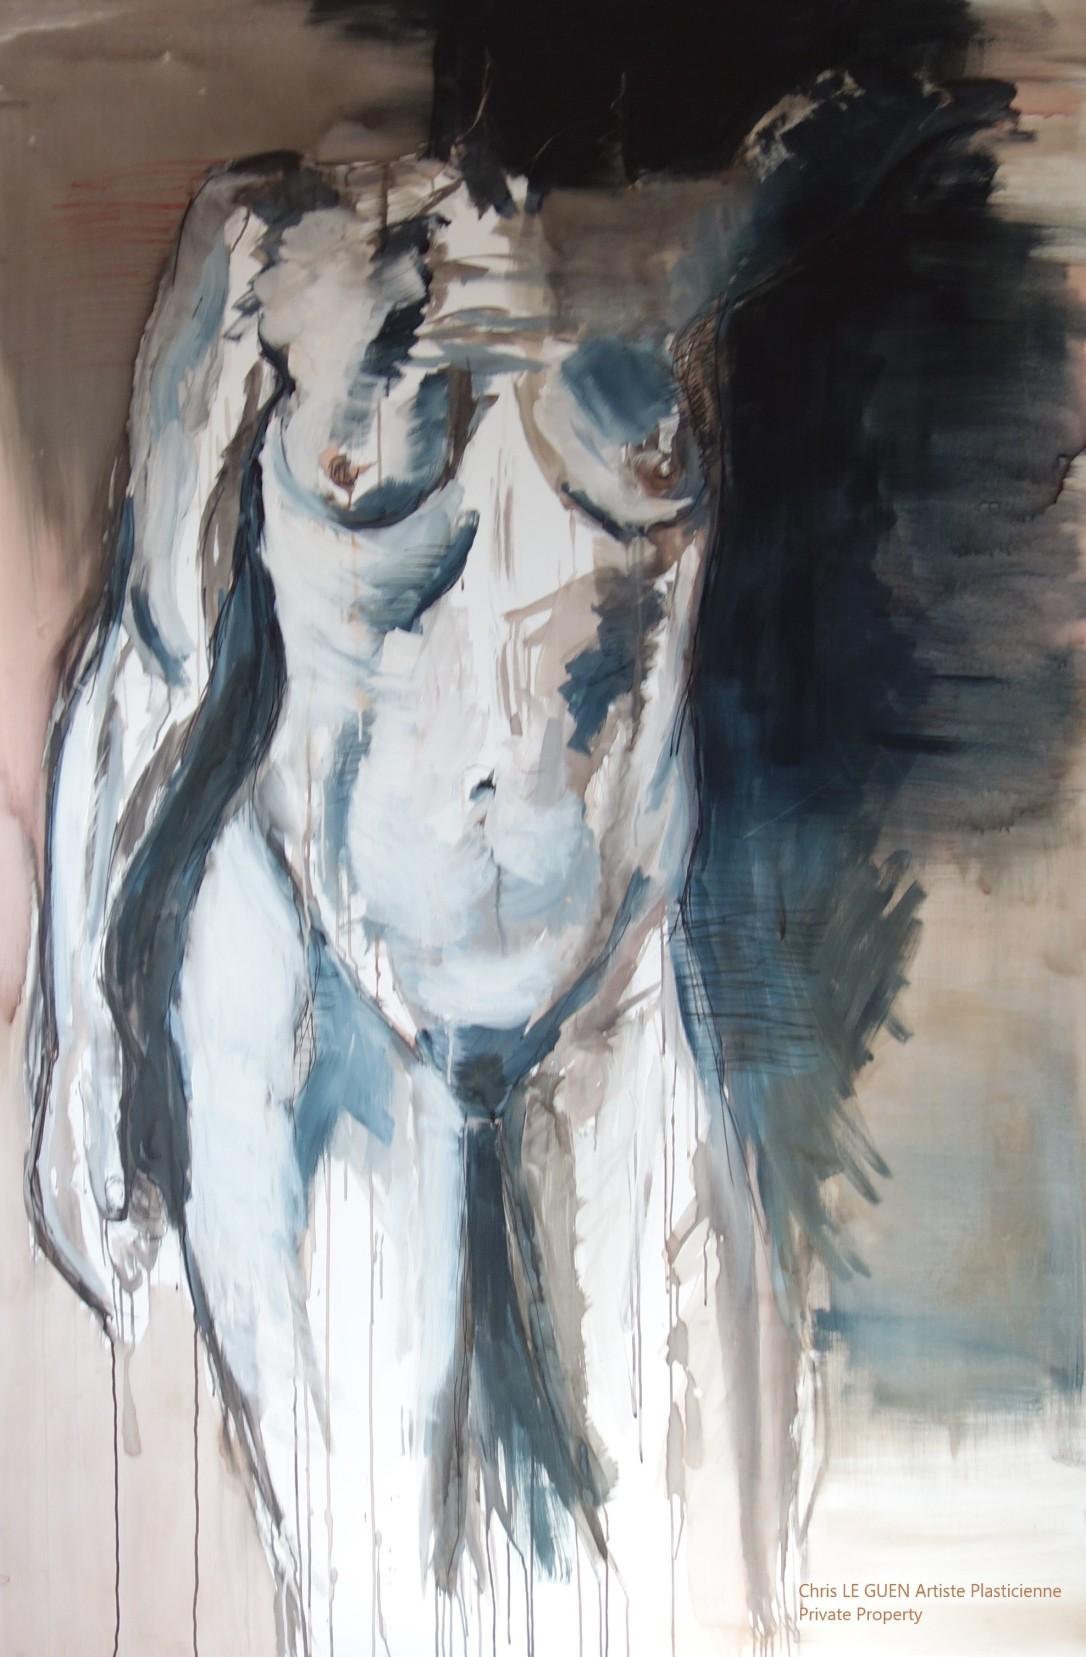 Chris Le Guen Artiste Plasticienne Peintre et Sculptrice a peint N°3